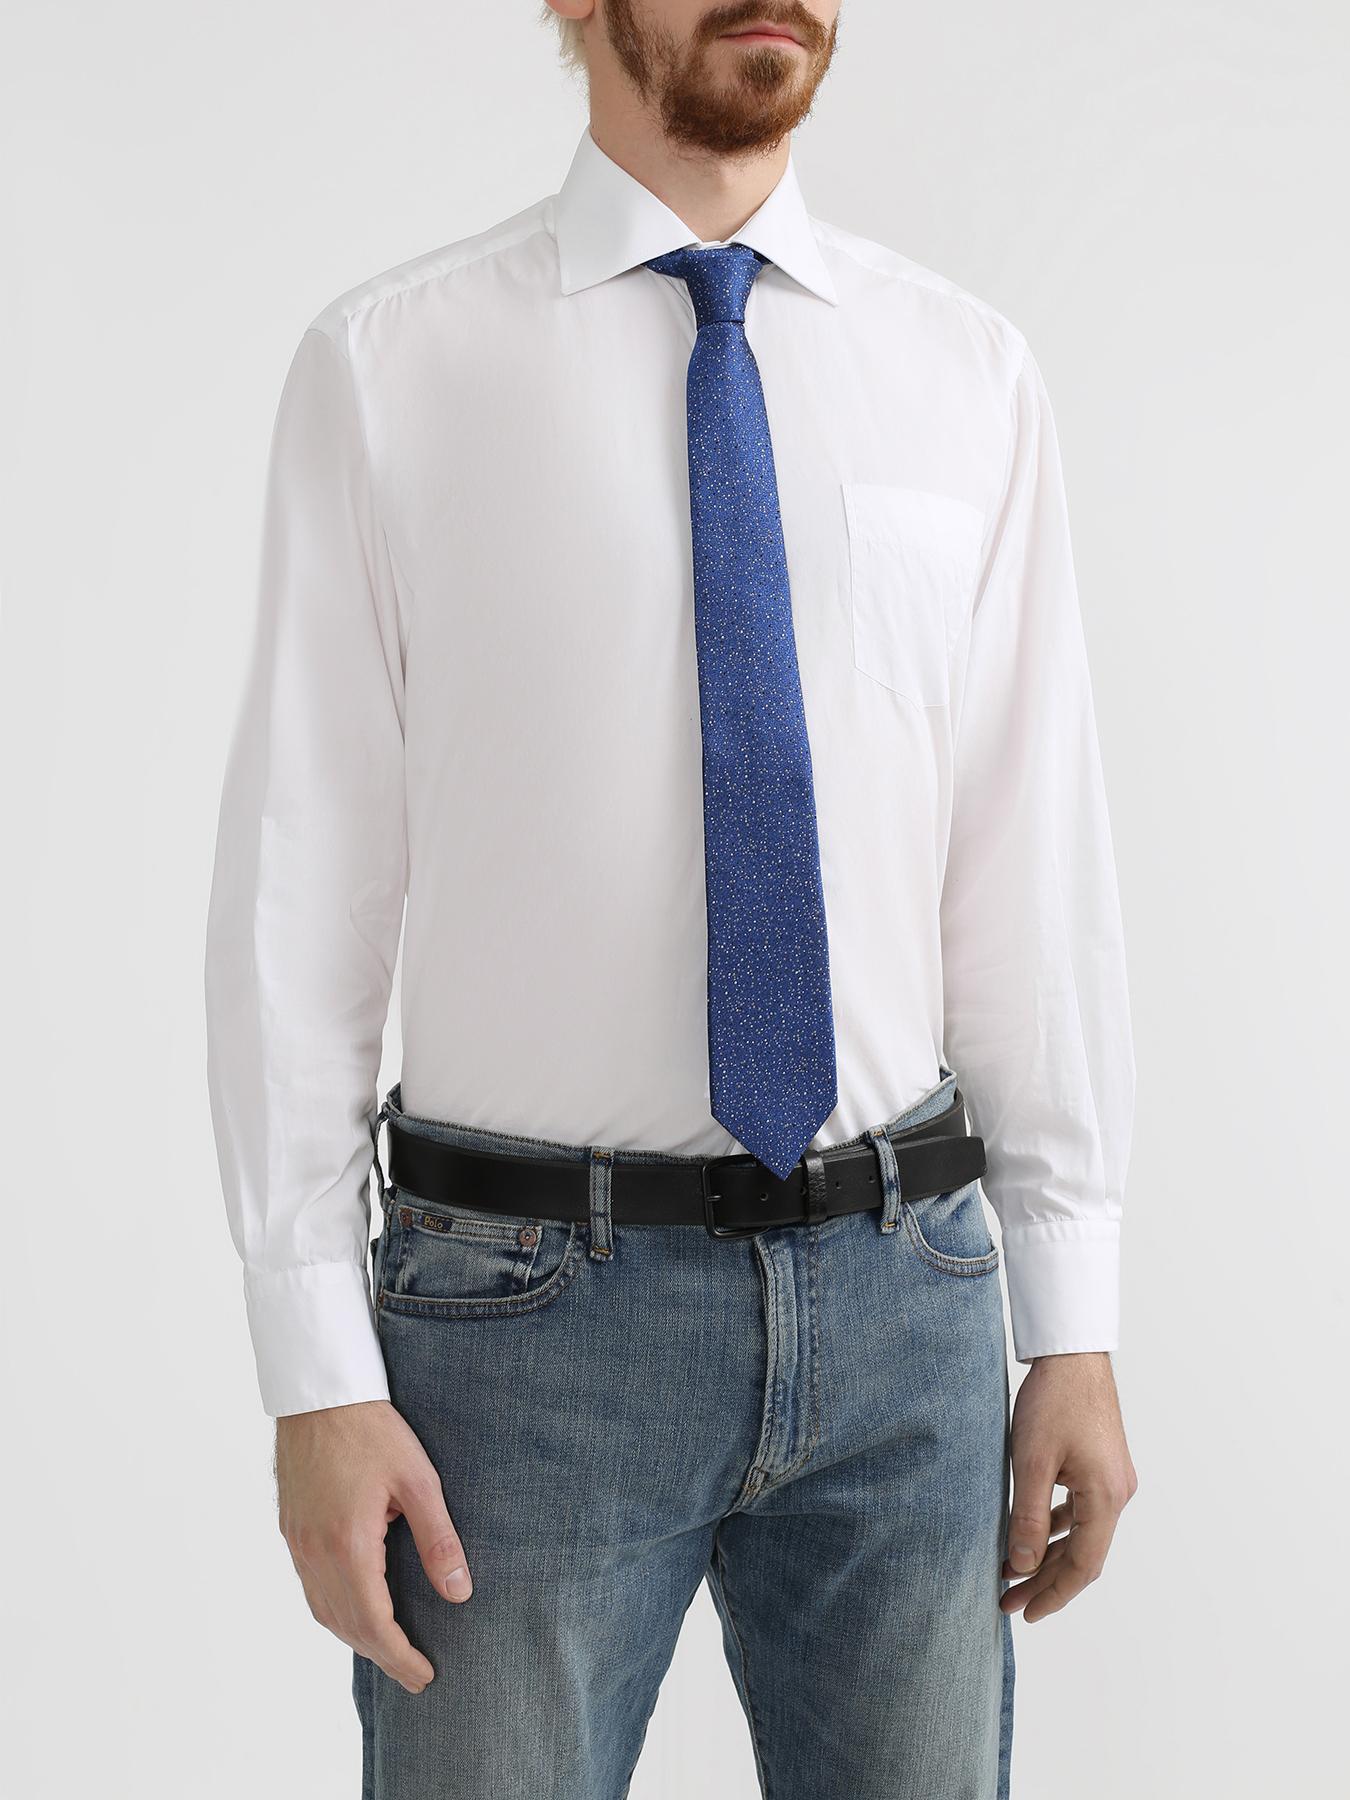 Галстук Lanvin Шелковый галстук галстук romon 3n40302